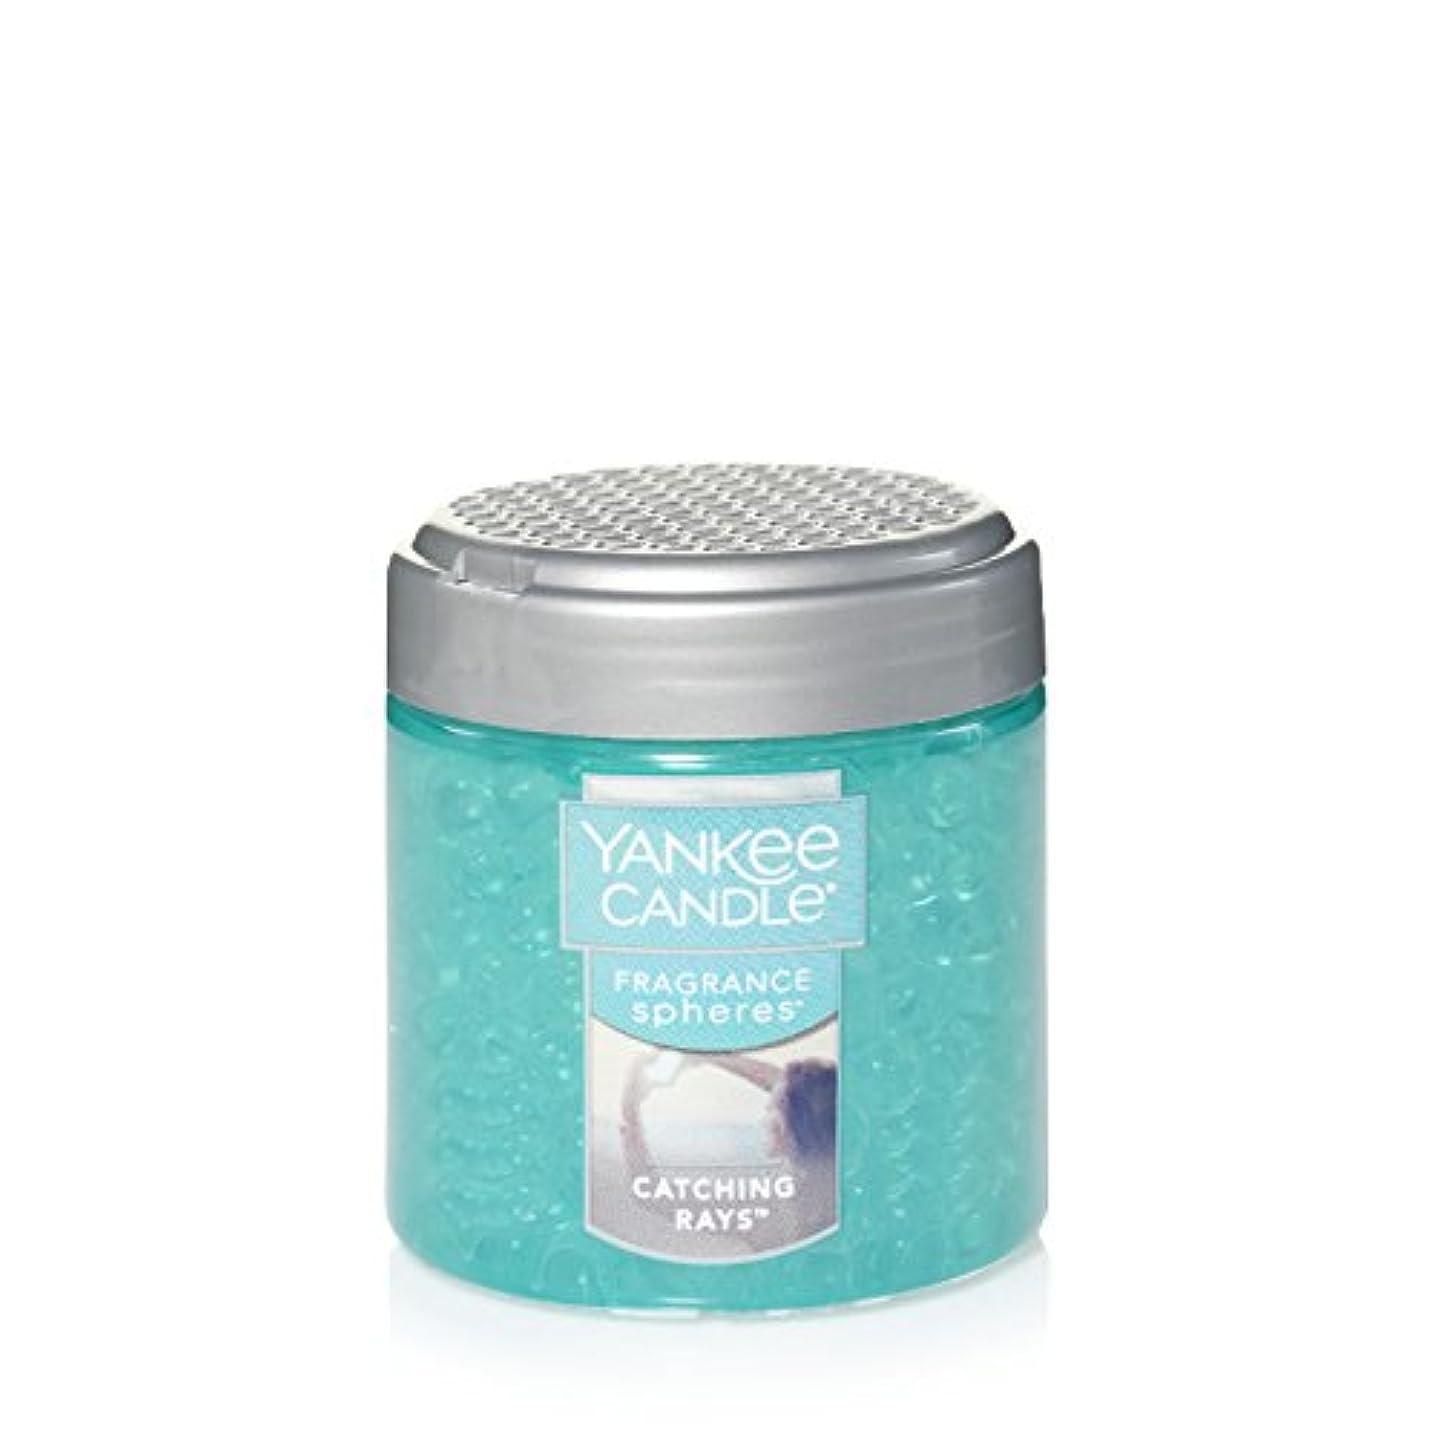 変形縁石千(ヤンキーキャンドル) Yankee Candle Lサイズ ジャーキャンドル Fragrance Spheres 1547233